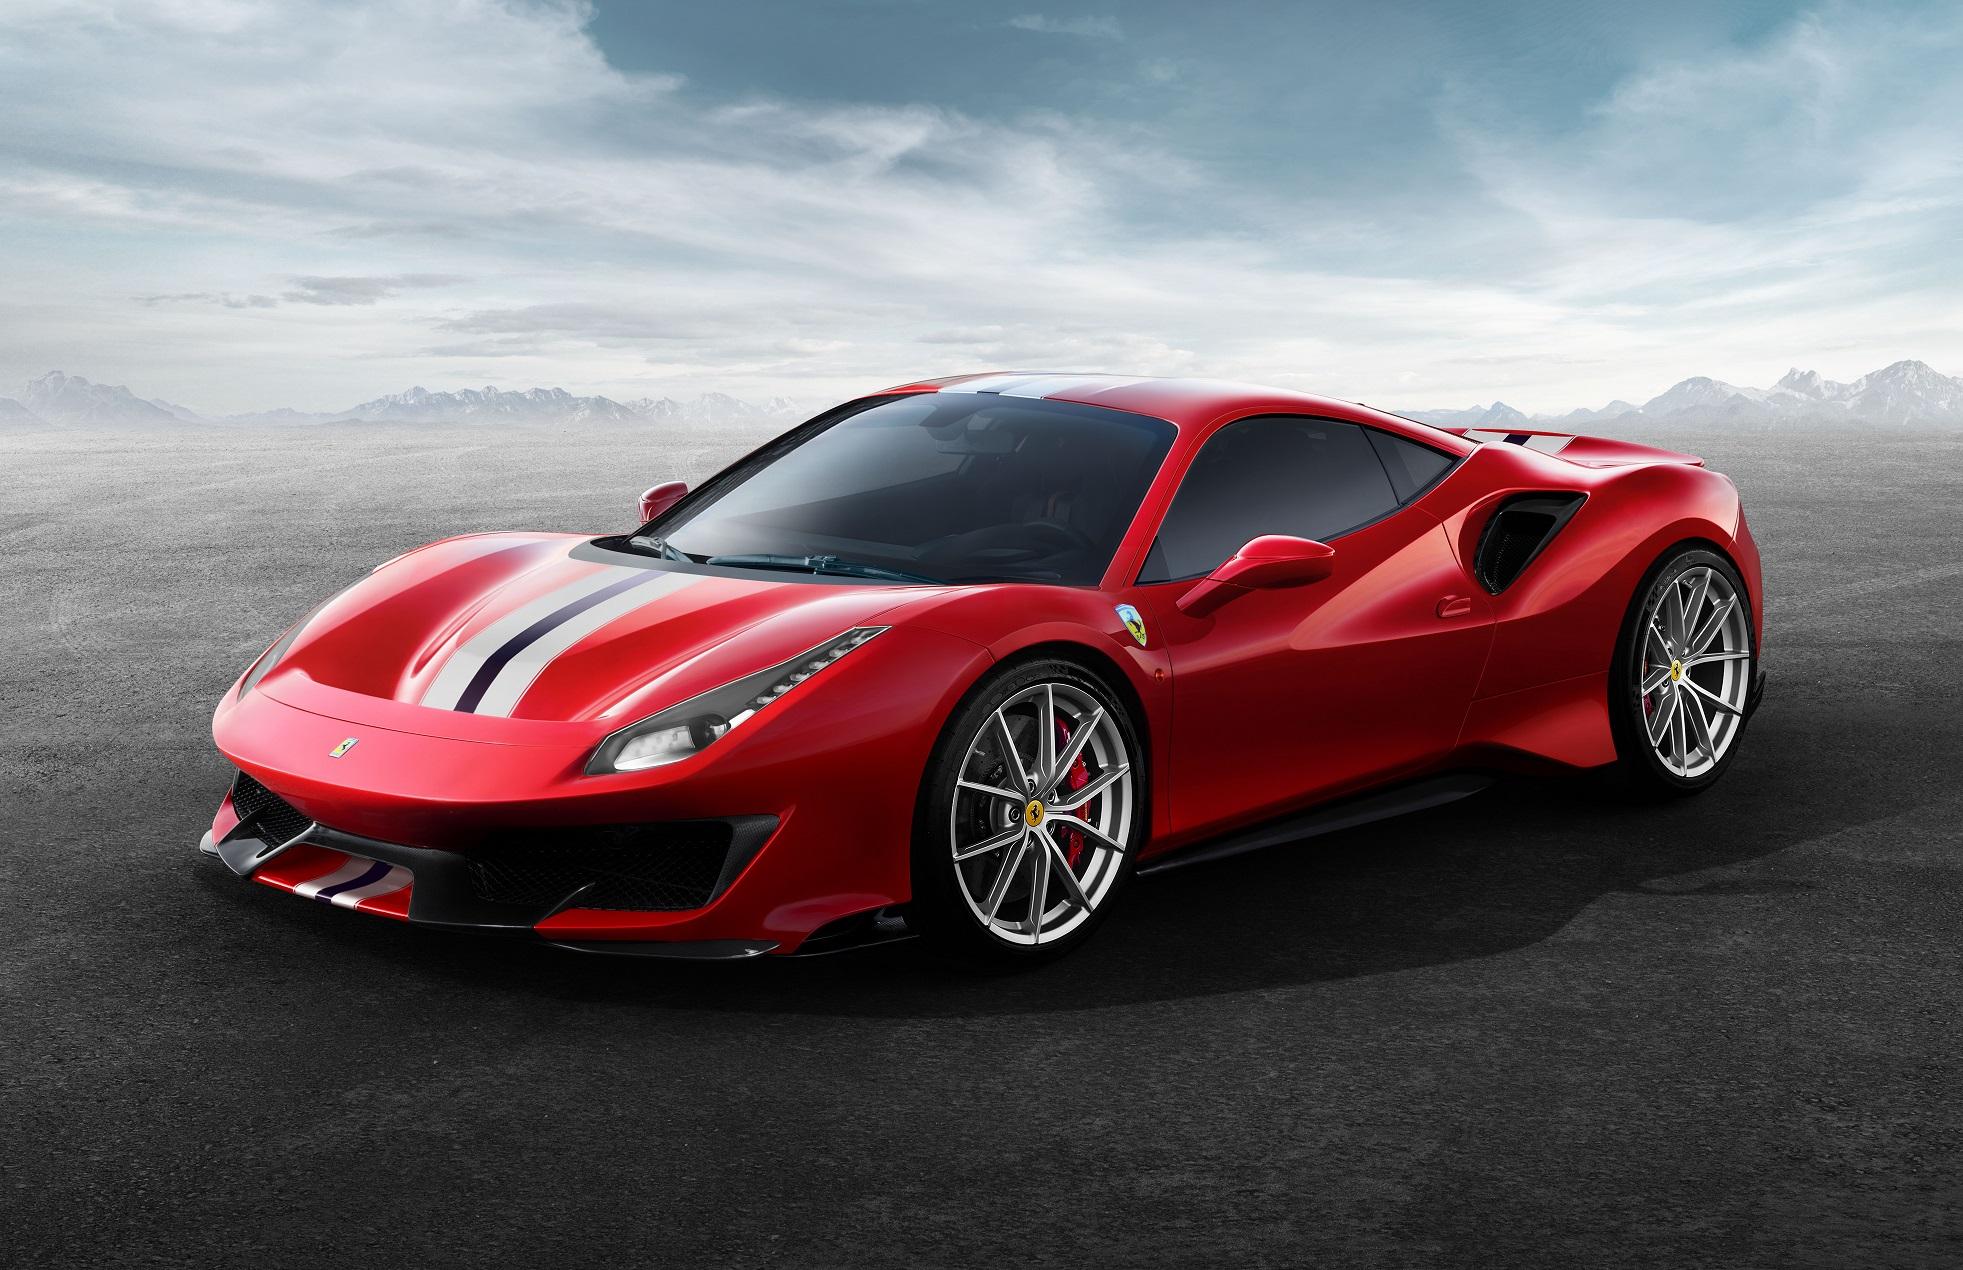 ferrari 488 pista: Conheça os esportivos do Salão do Automóvel de São Paulo, que conta com as maiores fabricantes da categoria como Ferrari, Maserati e Lamborghini.